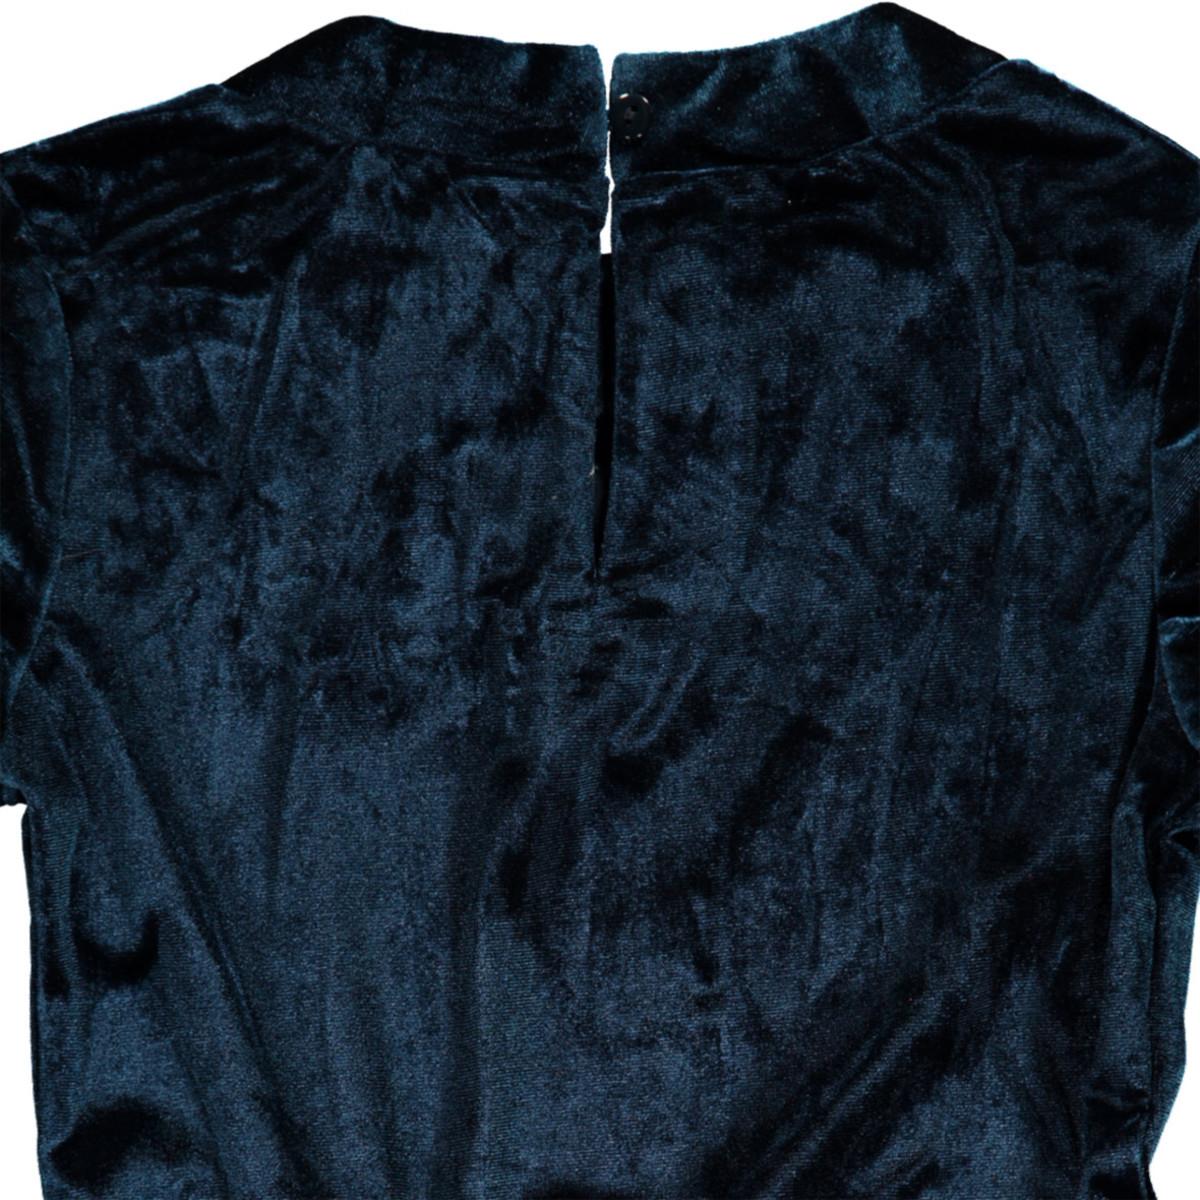 Bild 3 von Mädchen Kleid in weichem Samt